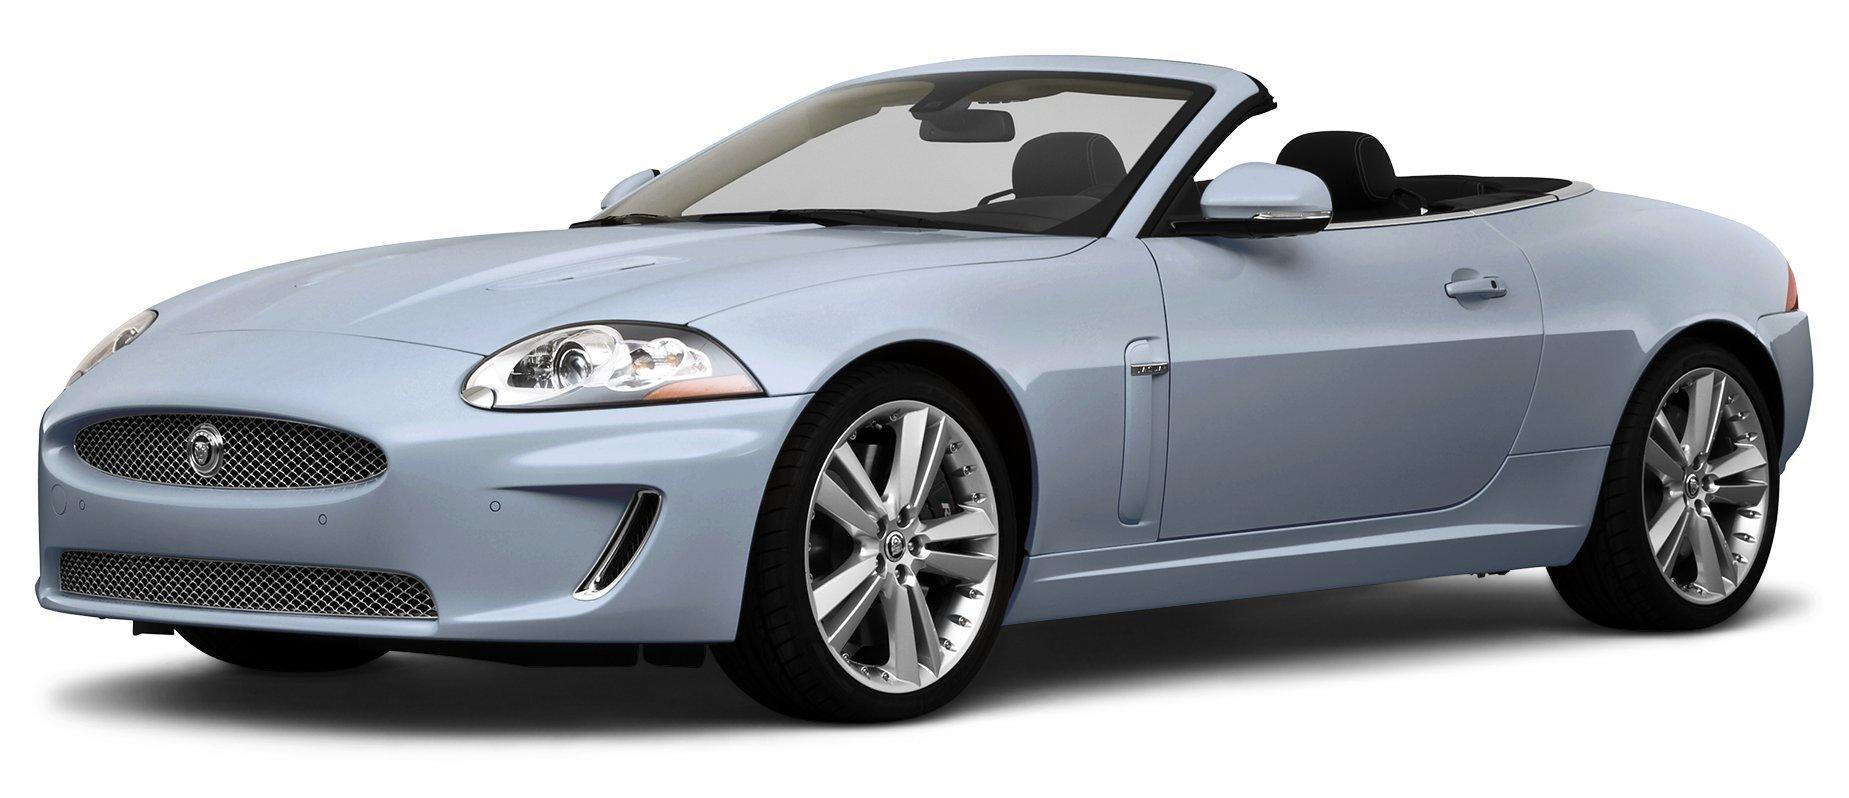 2010 Jaguar XKR, 2 Door Convertible ...